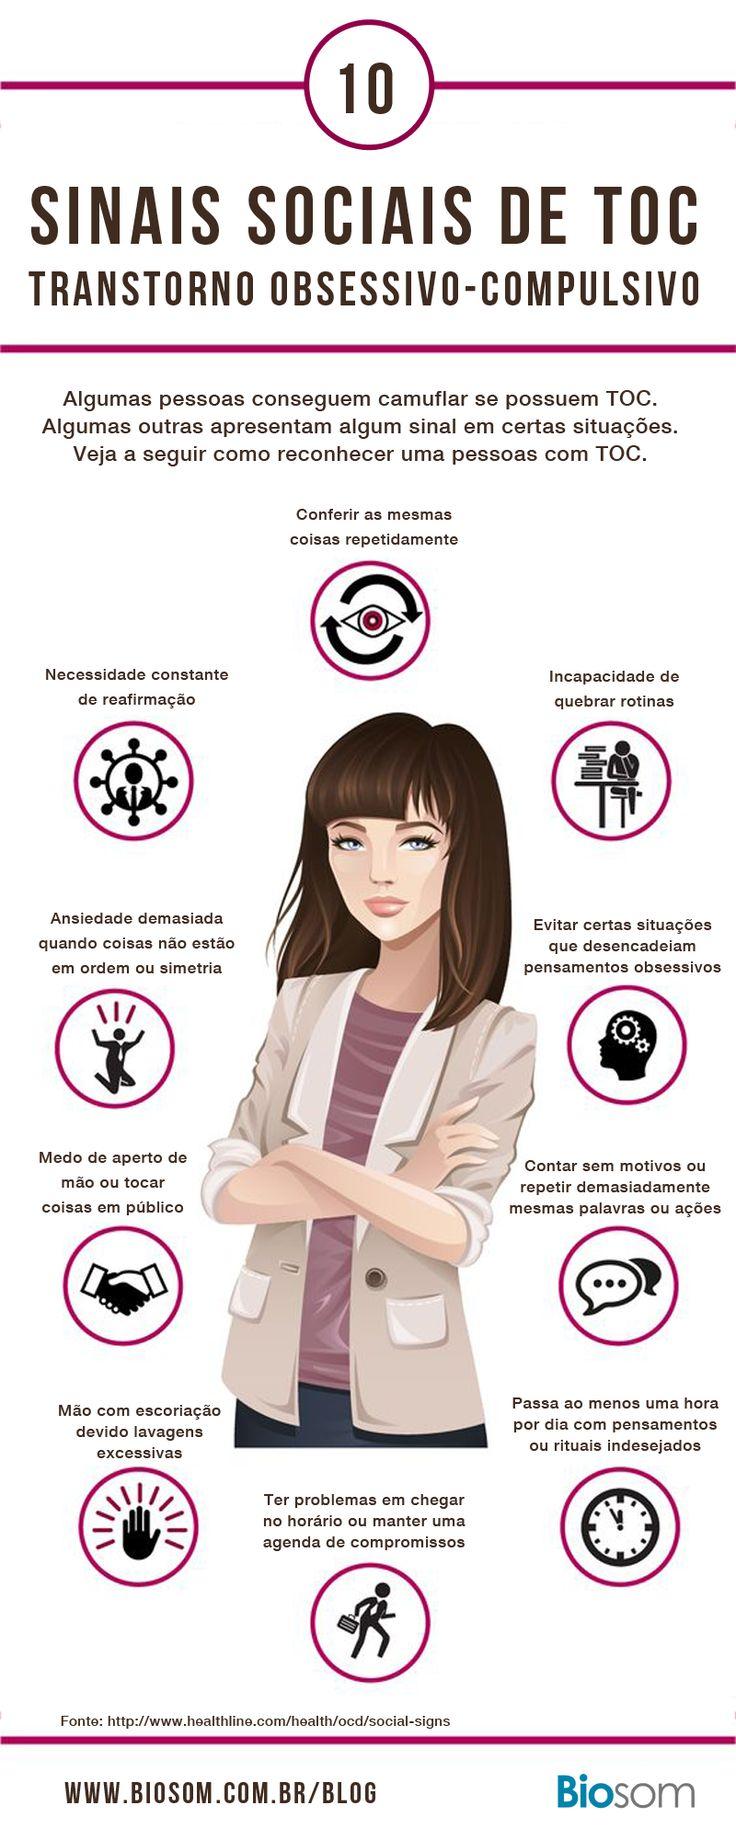 Veja como identificar quem tem TOC O que é Transtorno Obsessivo-Compulsivo. Clique na imagem para ver ainda mais. #toc #TranstornoObsessivoCompulsivo #saúde #comportamento #compulsão #transtornos #bemestar